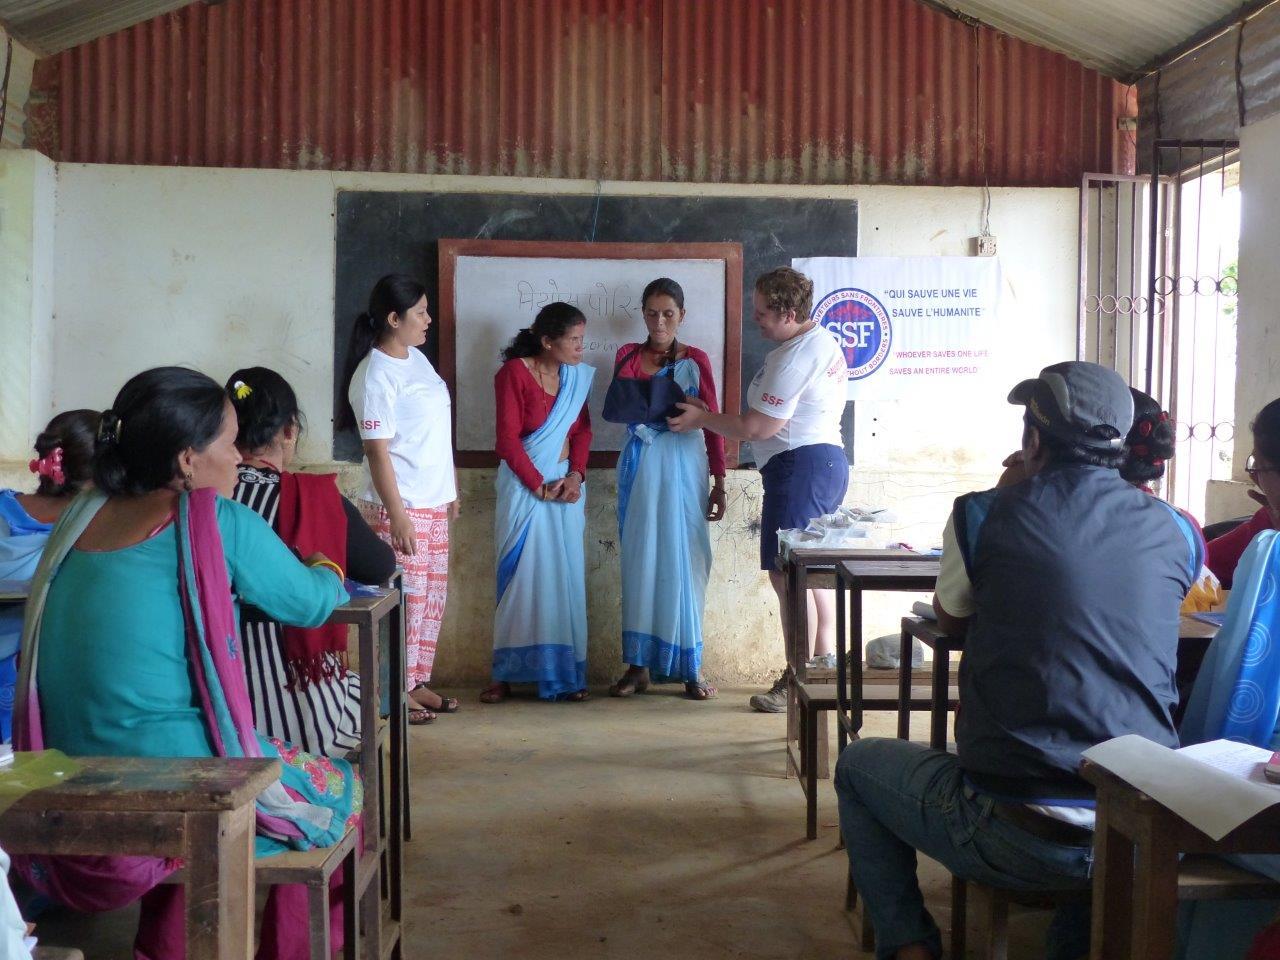 Mamta, Sonia et deux stagiaires, Thokarpa, Népal Août 2015